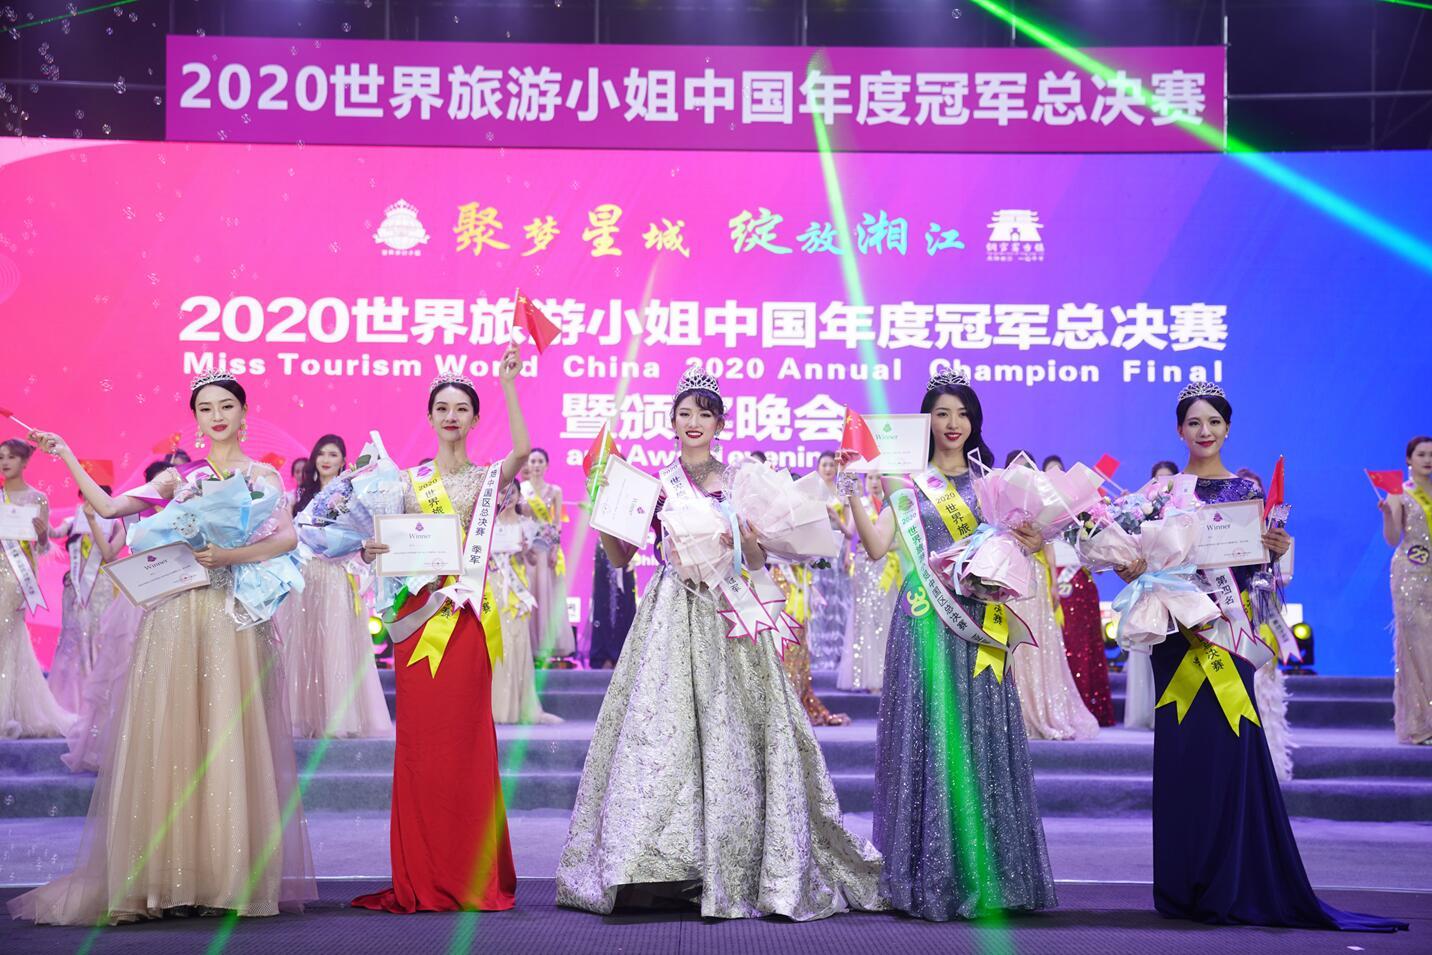 2020世界旅游小姐冠军出炉 (1).jpg